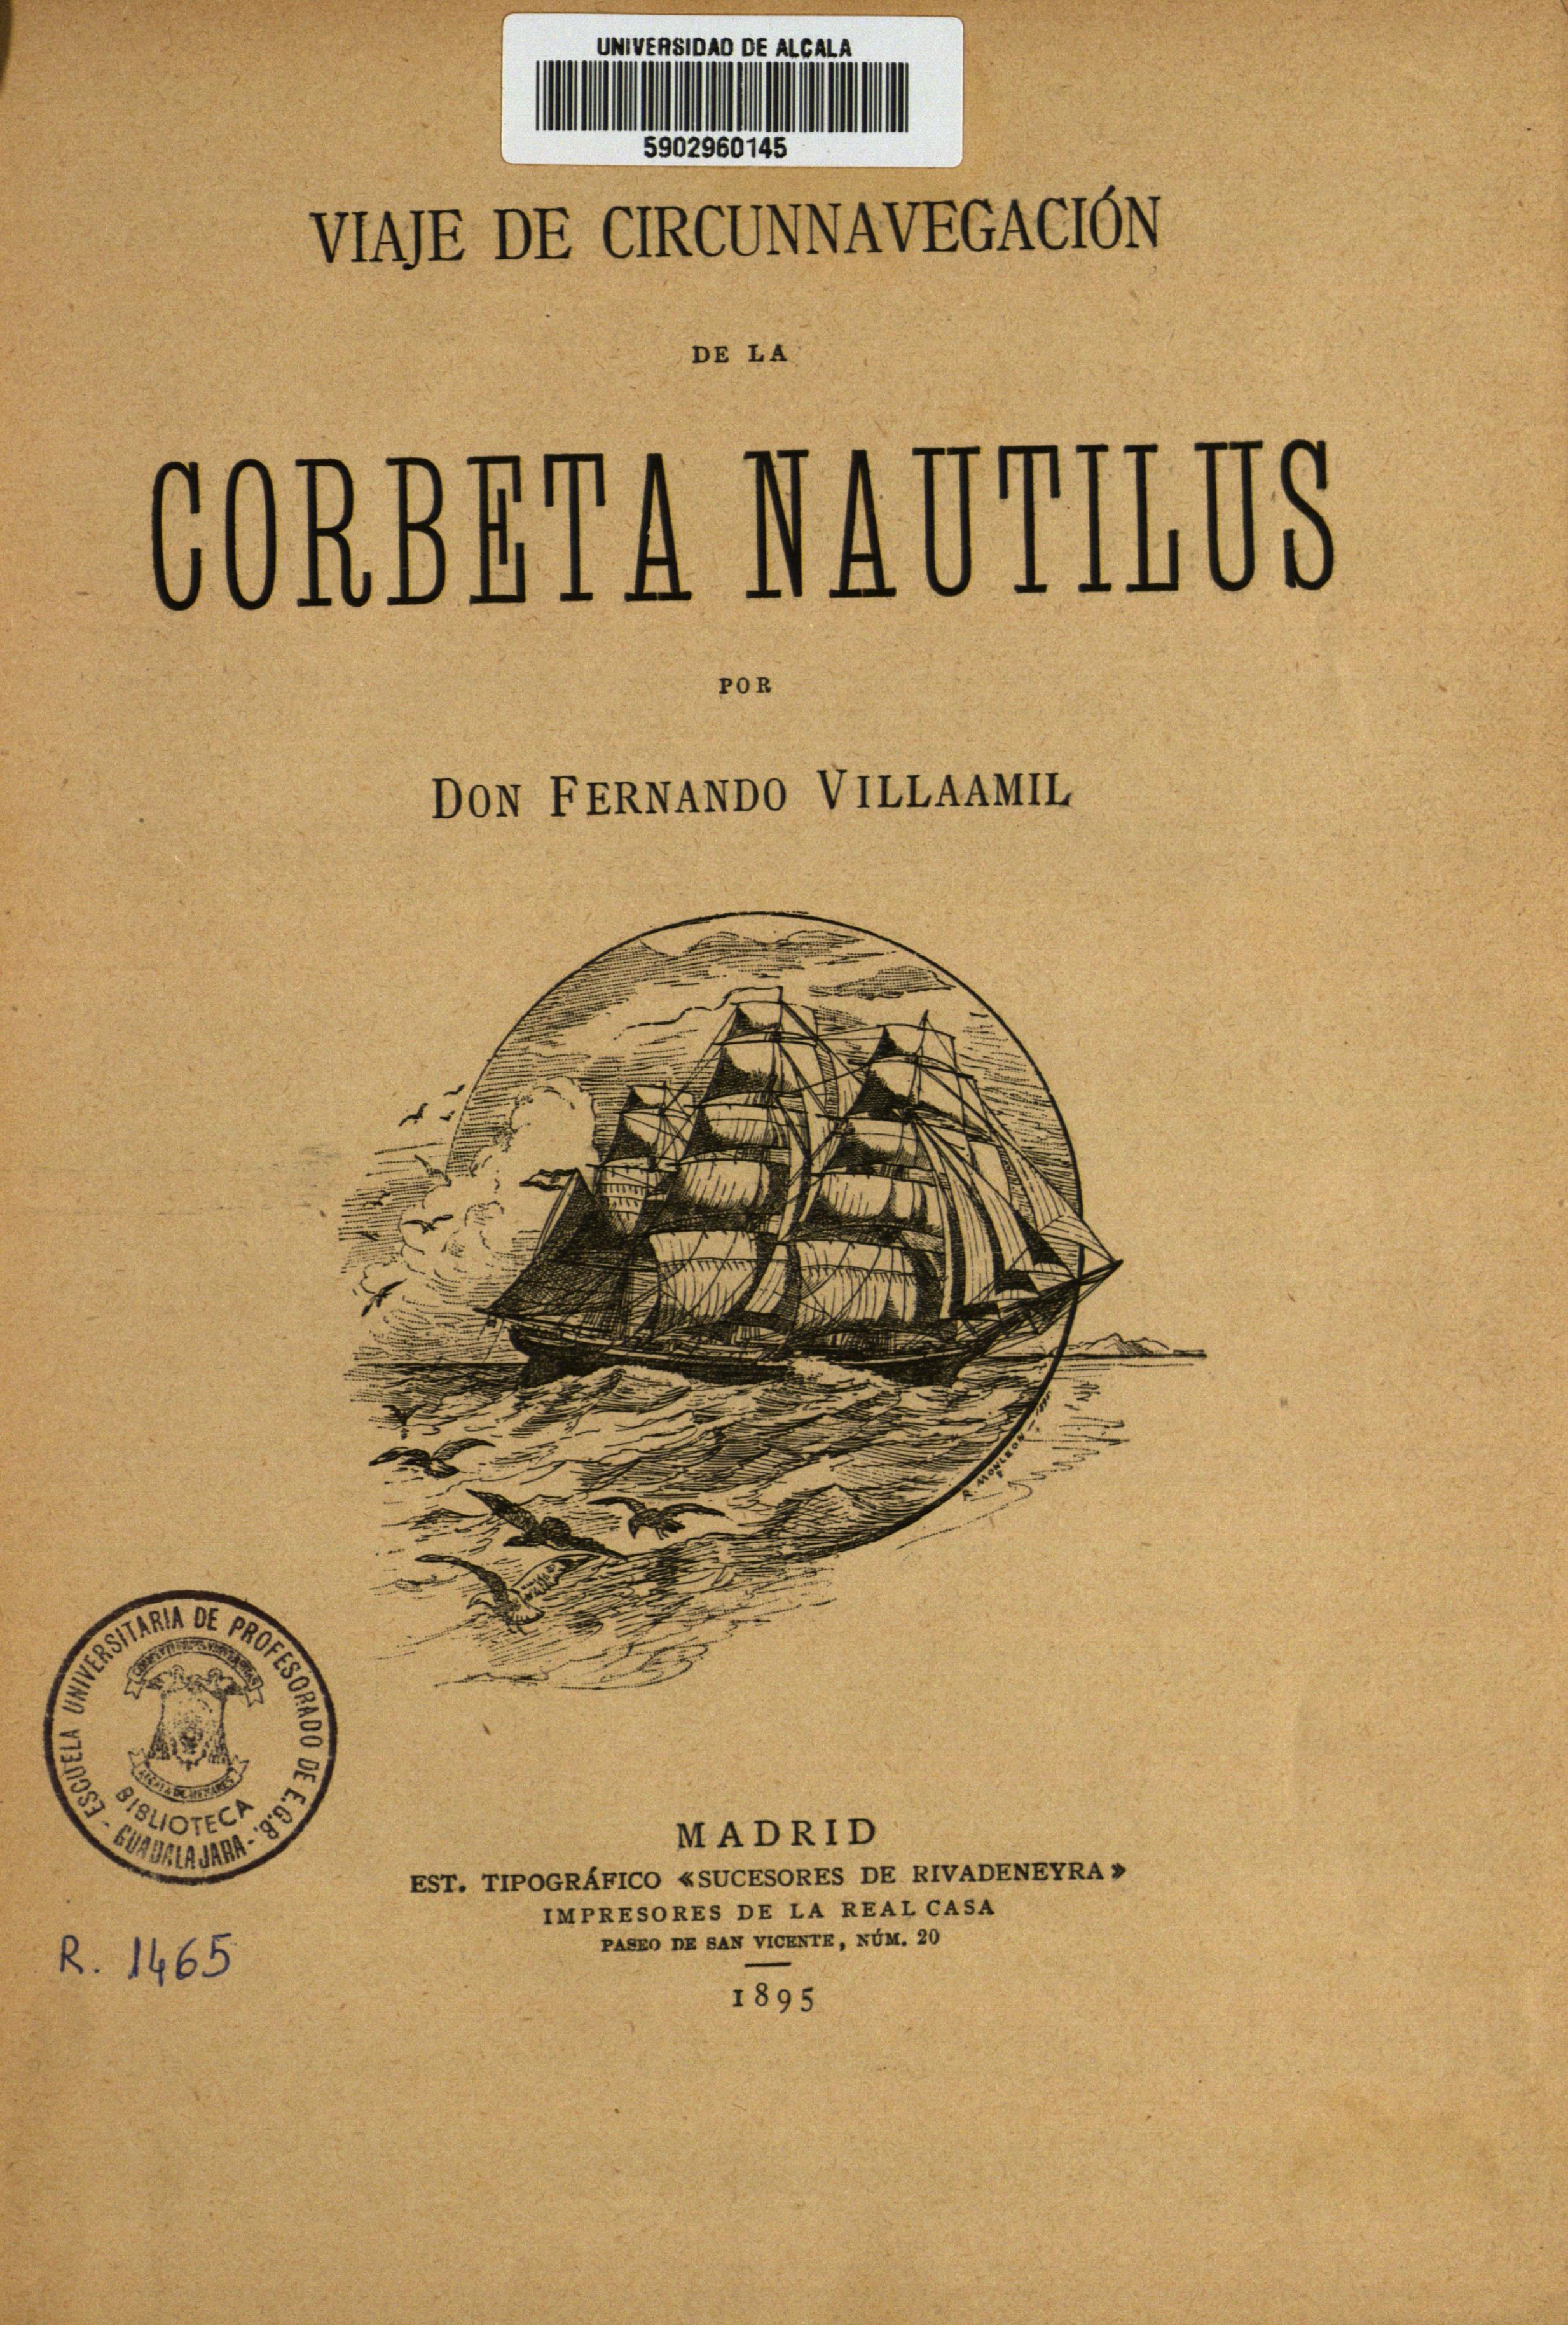 Viaje de circunnavegación de la corbeta Nautilus, 1895